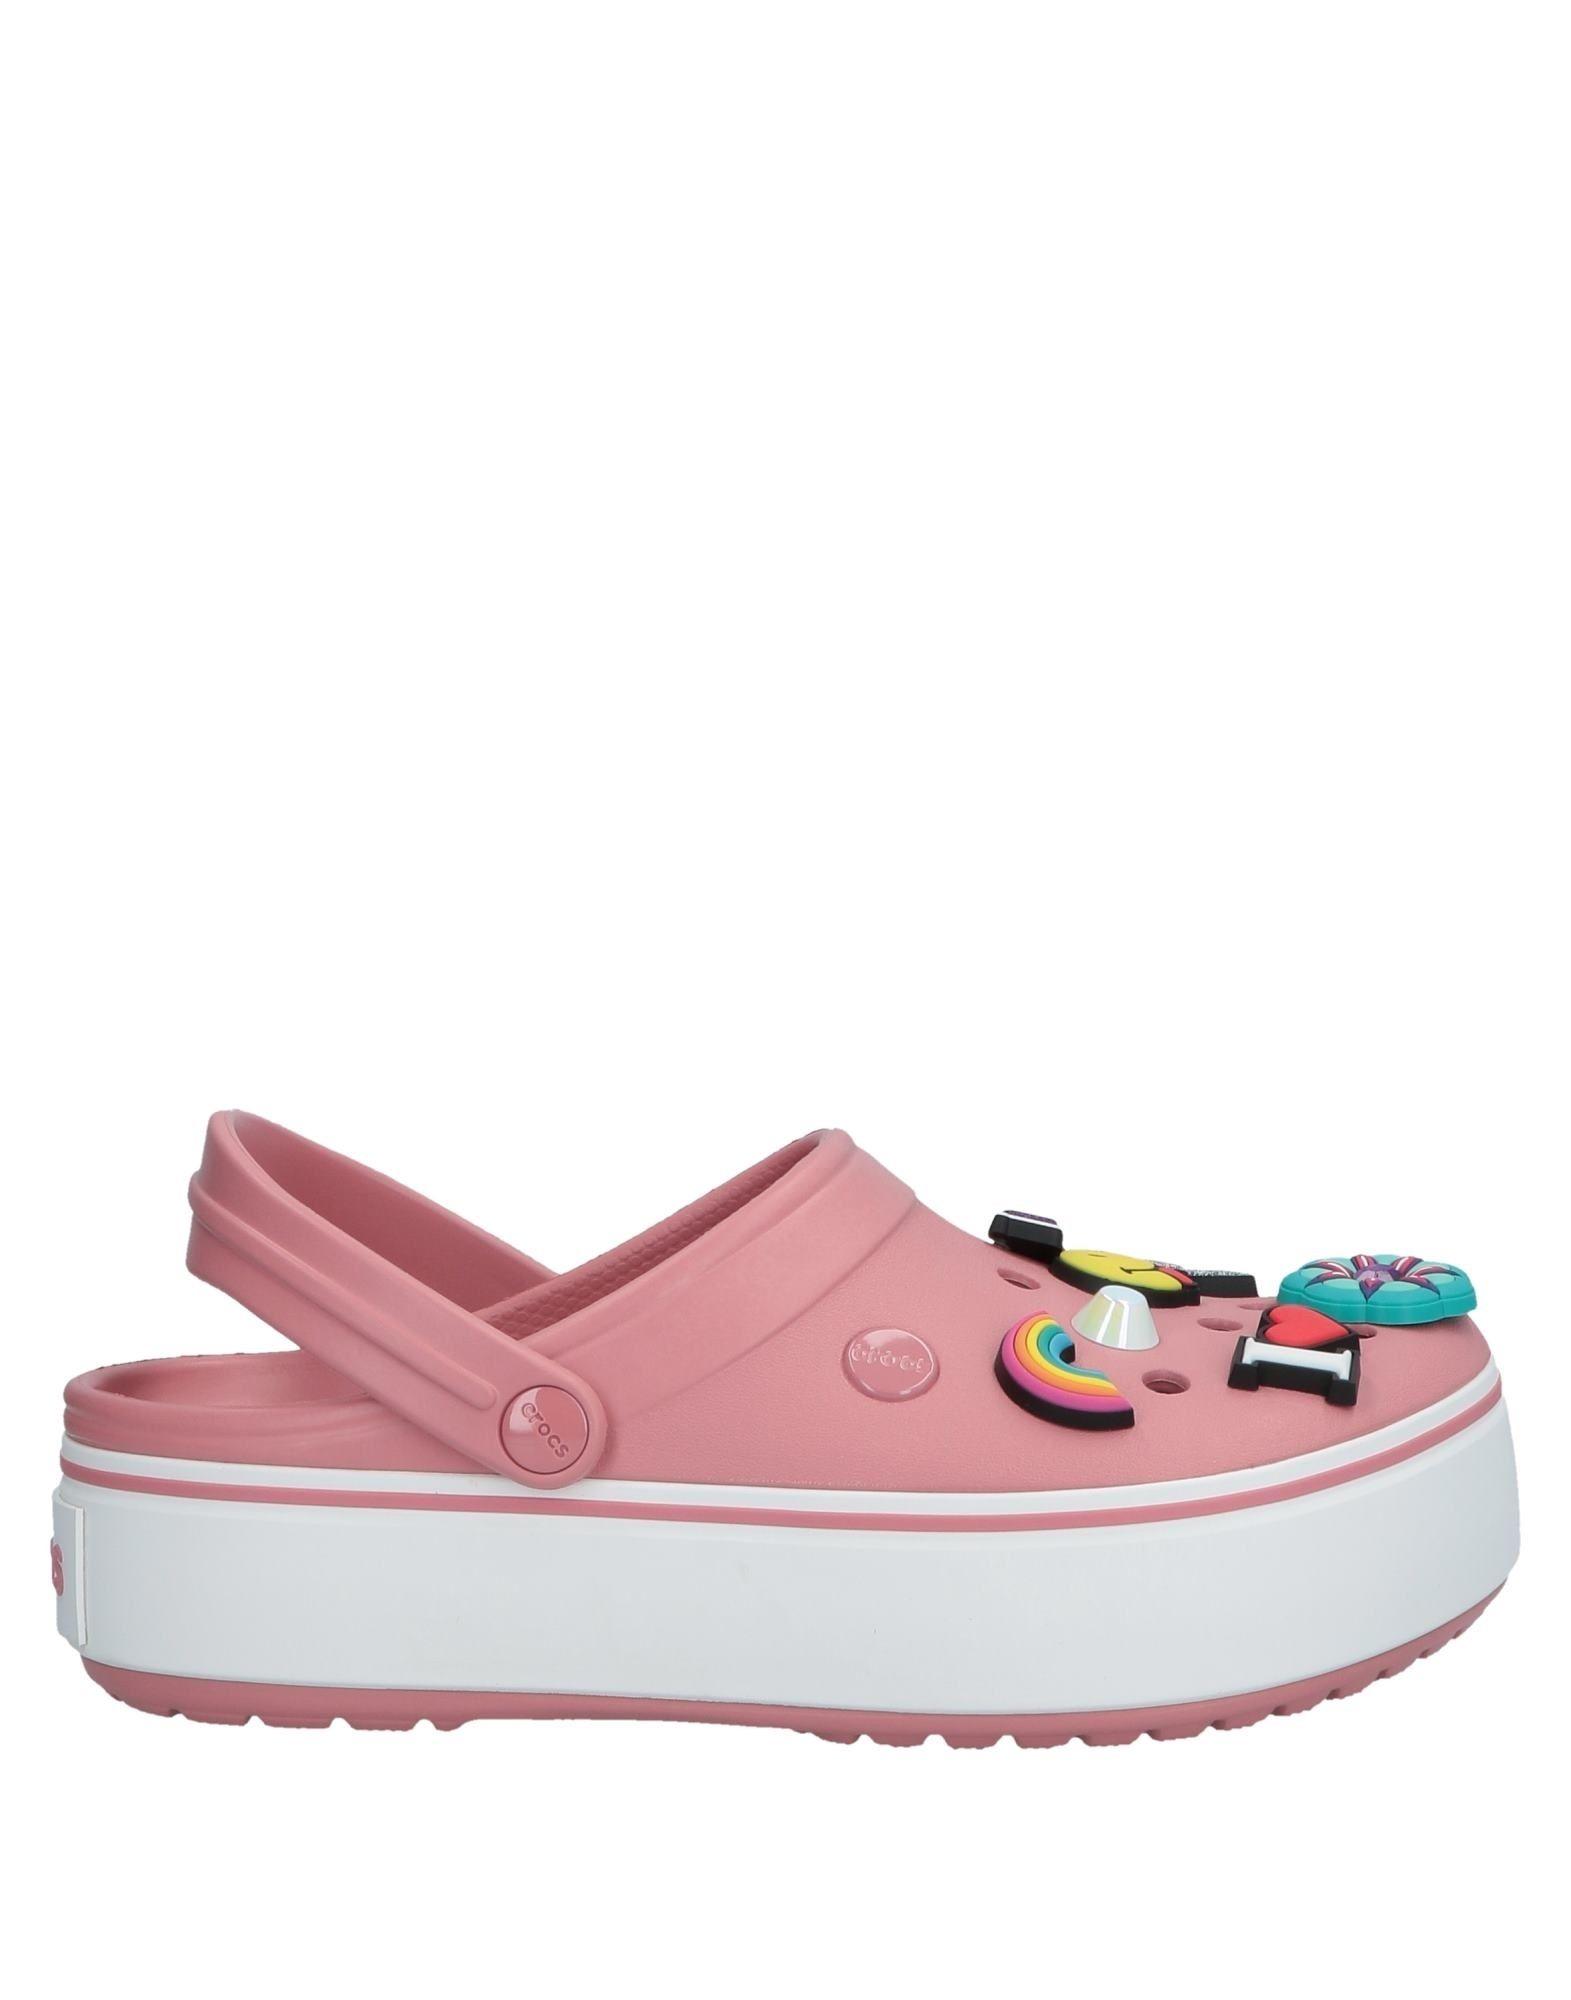 les sandales - crocs de sandales crocs - sandales en ligne sur l'australie - 11571601kn 52f91a